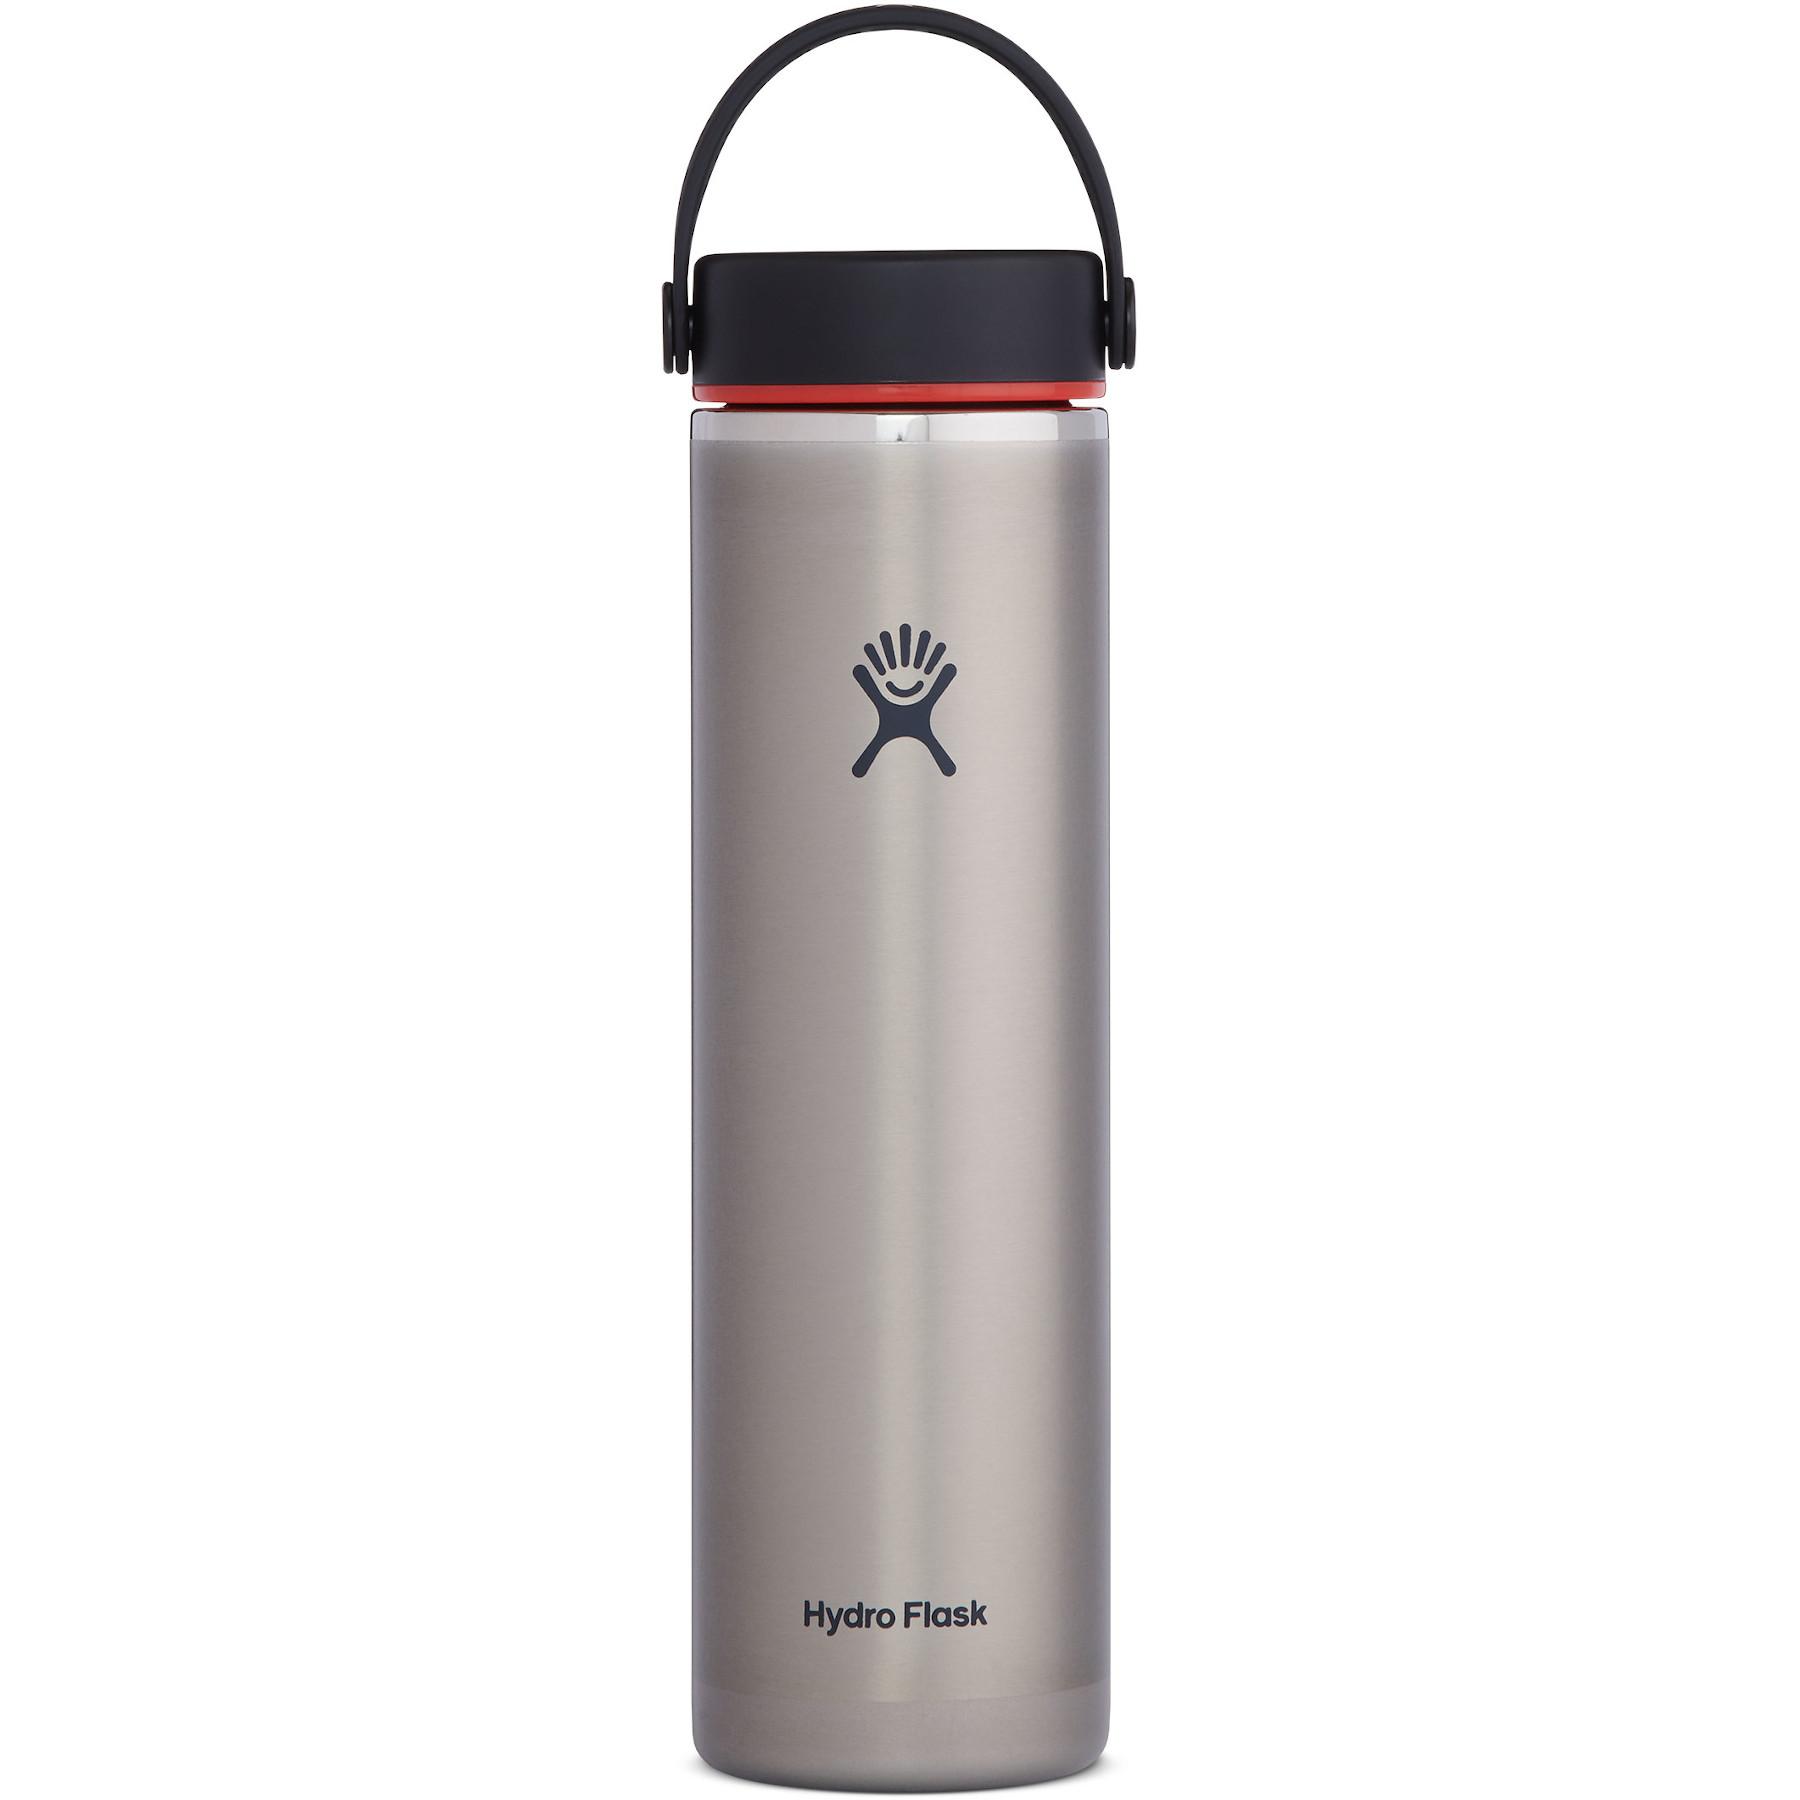 Produktbild von Hydro Flask 24 oz Lightweight Wide Mouth Trail Series Thermoflasche 710 ml - Slate